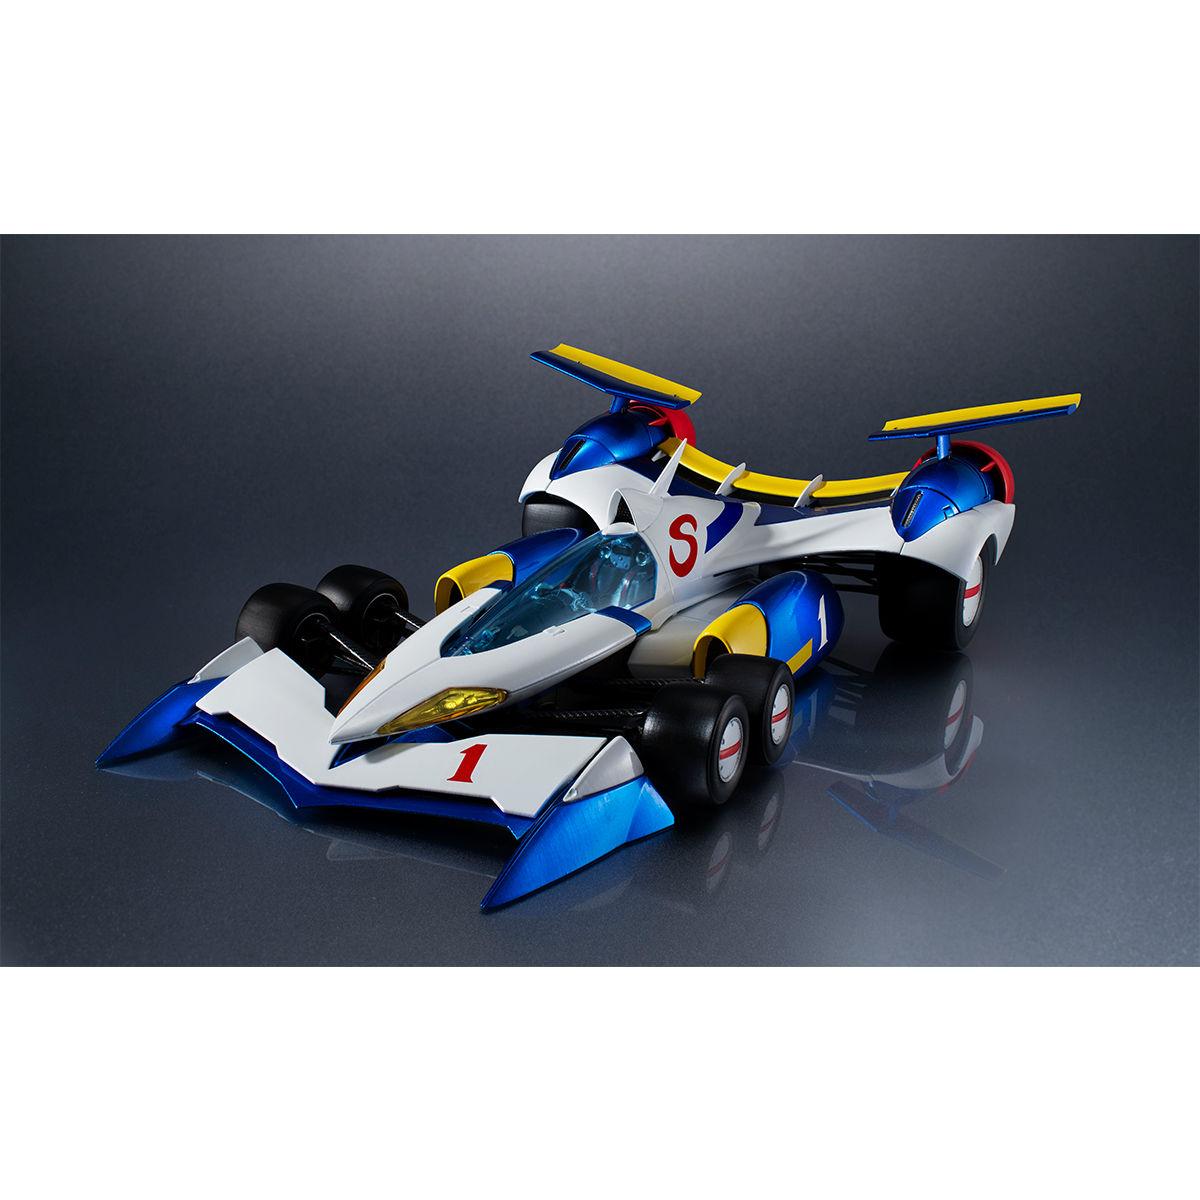 ヴァリアブルアクション Hi-SPEC『スーパーアスラーダ AKF-11』新世紀GPXサイバーフォーミュラ 1/18 可動モデル-001